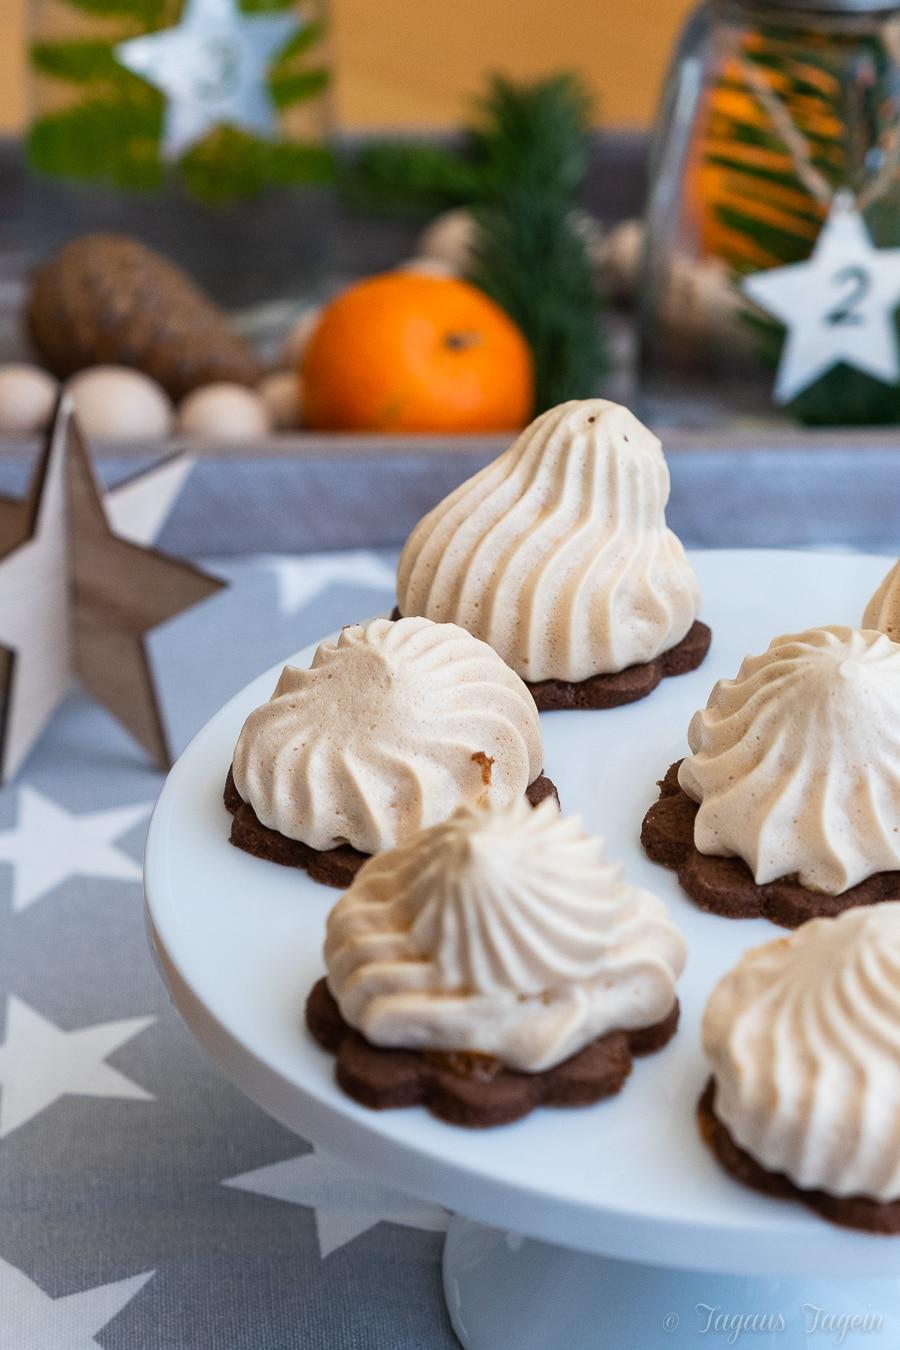 Wohin mit dem Eiweiß der Weihnachtsbäckerei? Feenküsse mit Toffifee